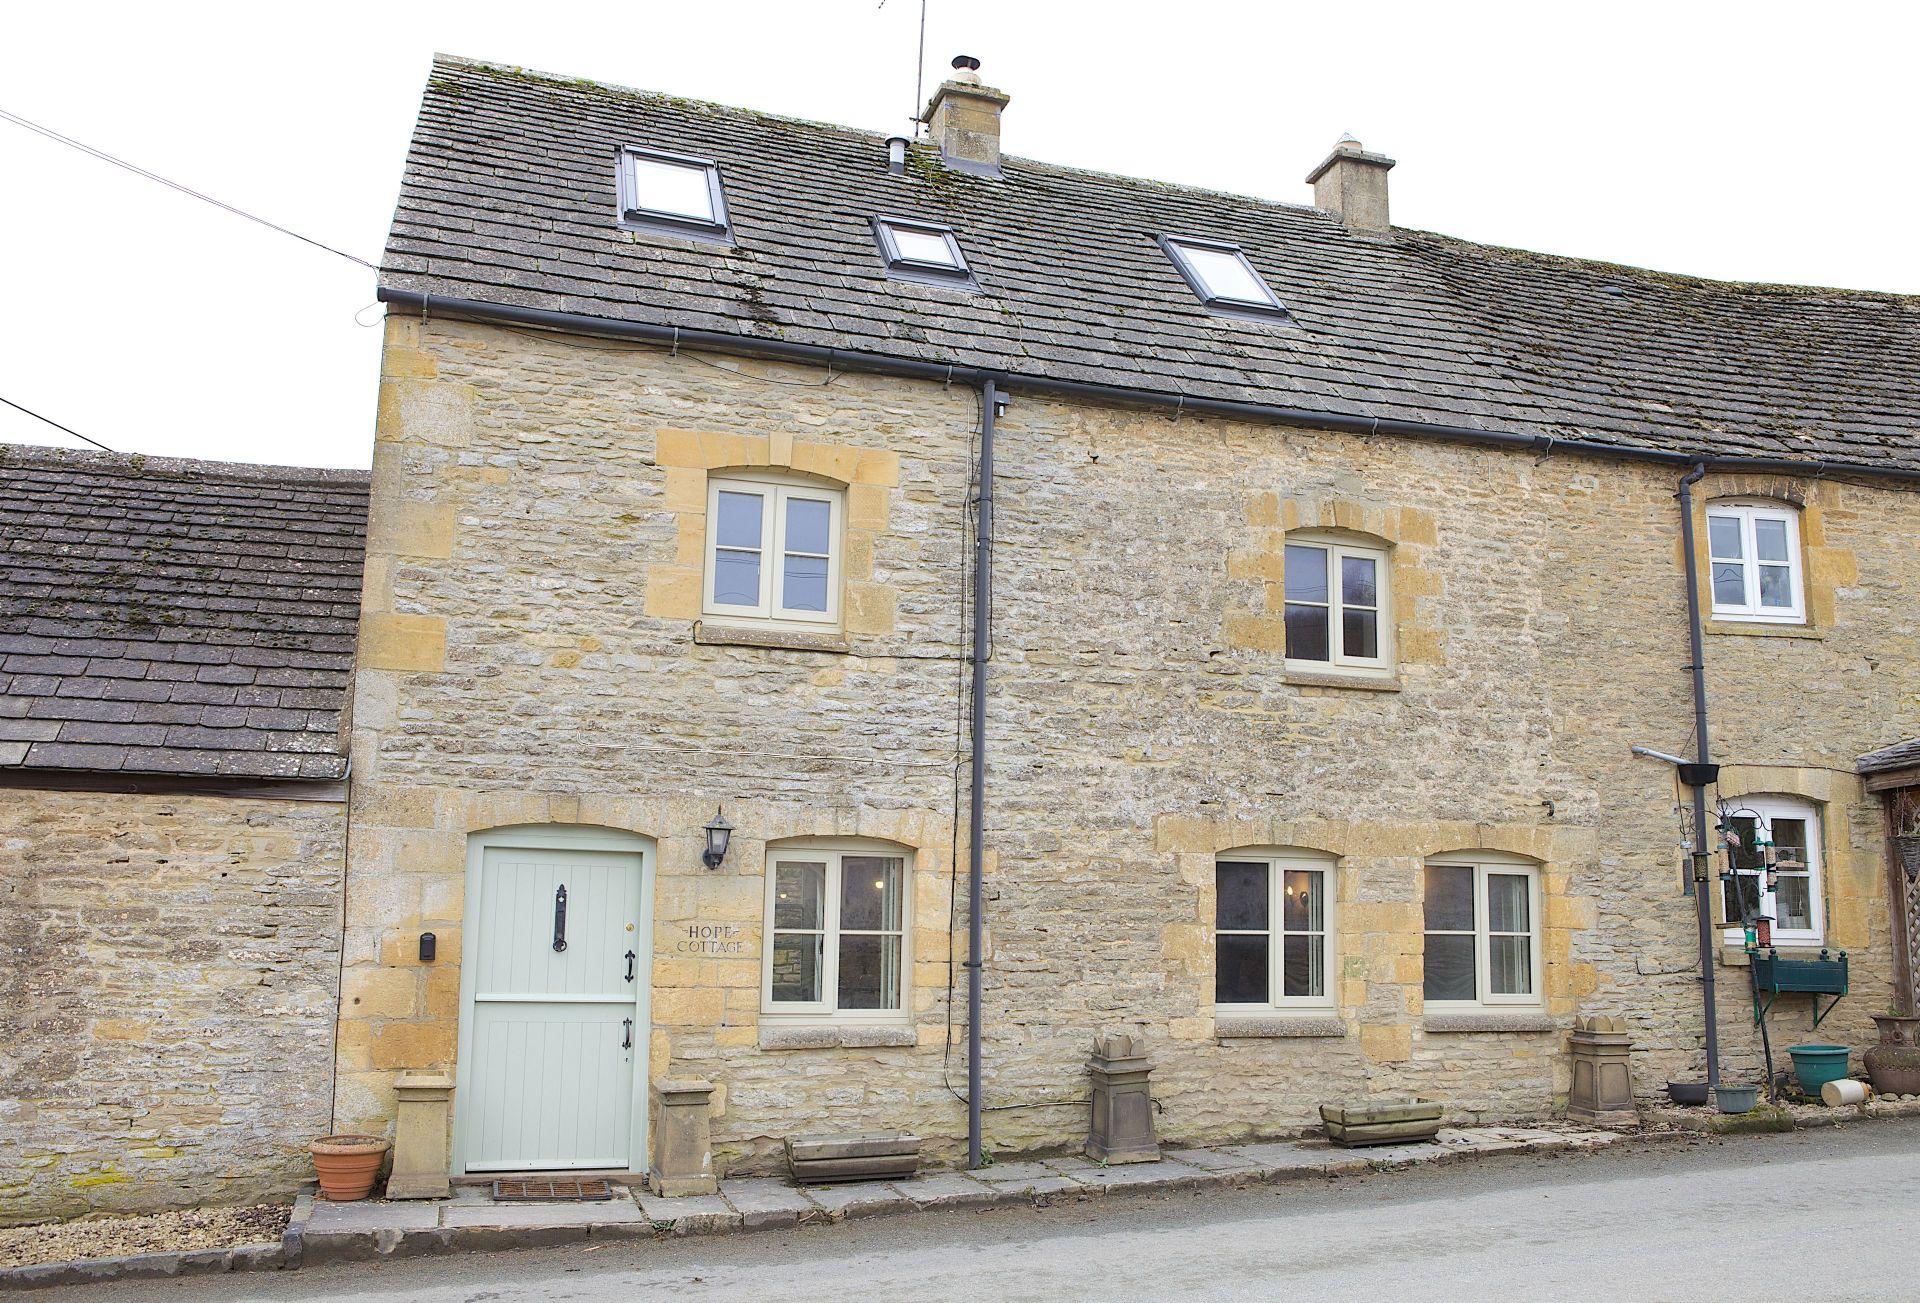 Image of Hope Cottage (Naunton)